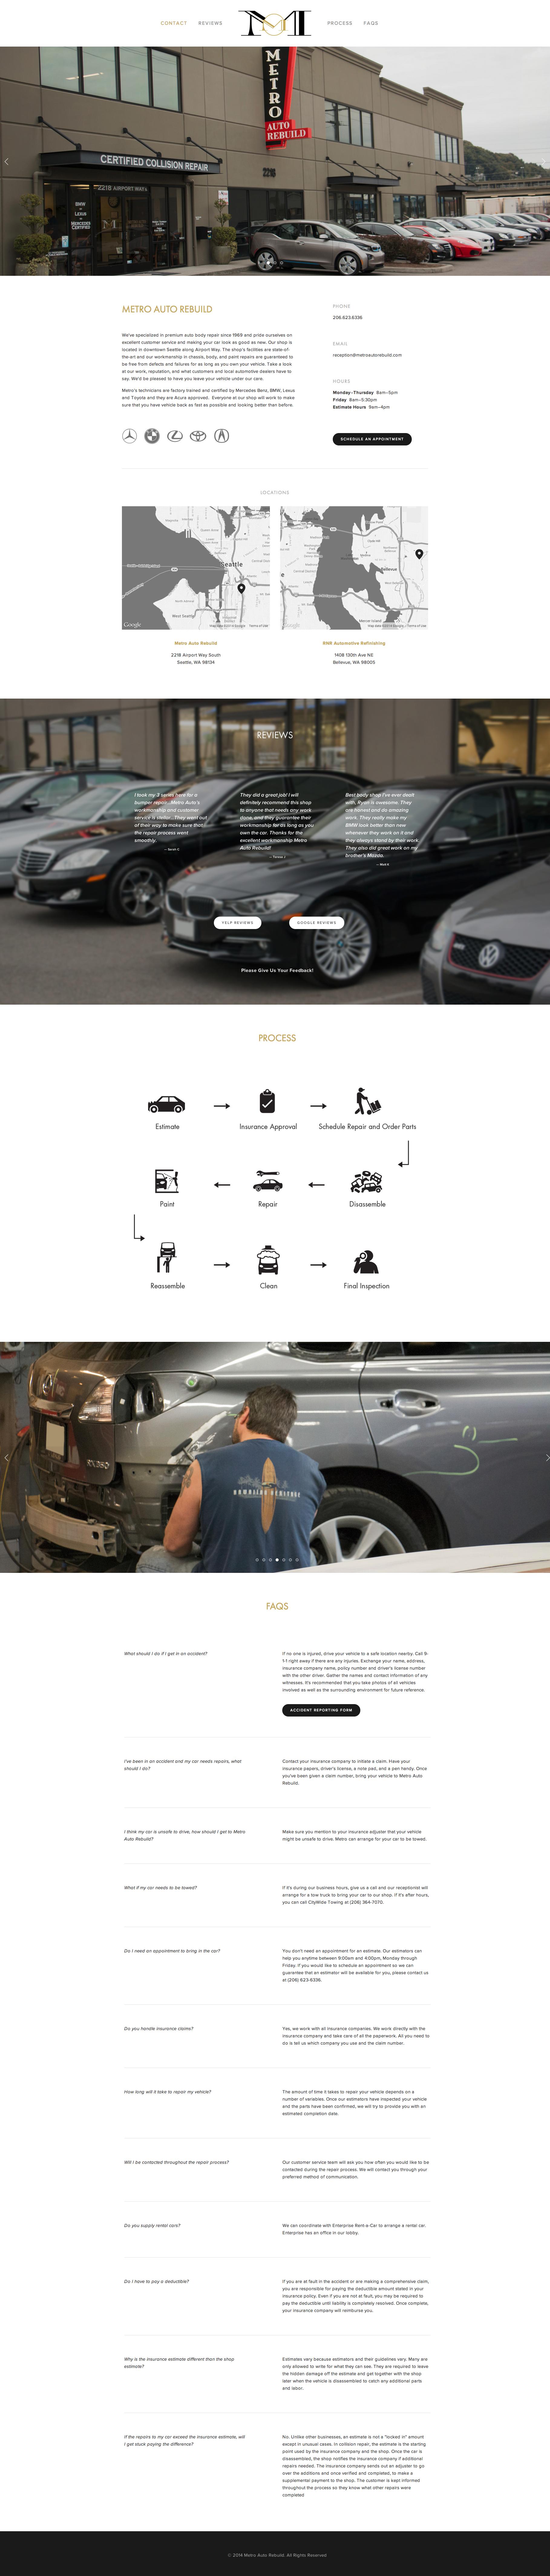 The new Metro Auto Rebuild website